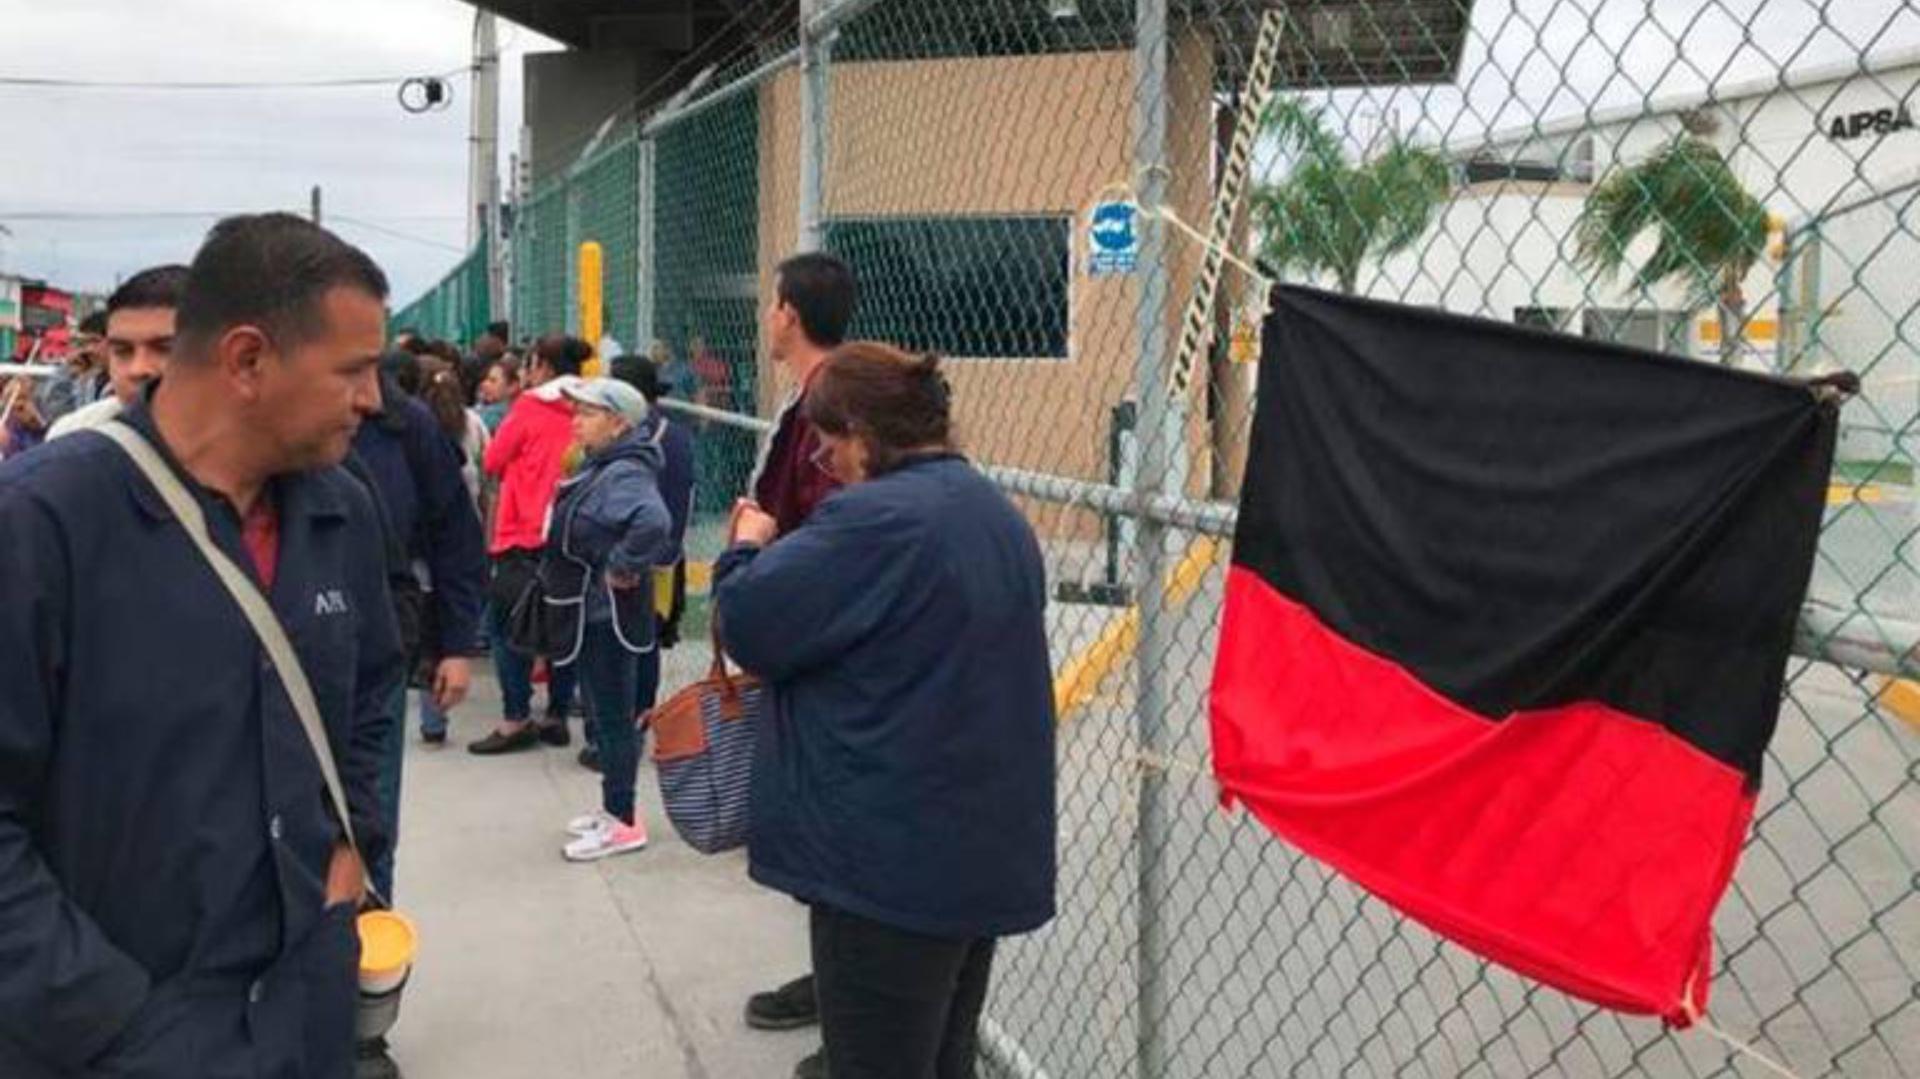 La industria maquiladora y manufacturera en México atraviesa por una crisis (Foto: Twitter)